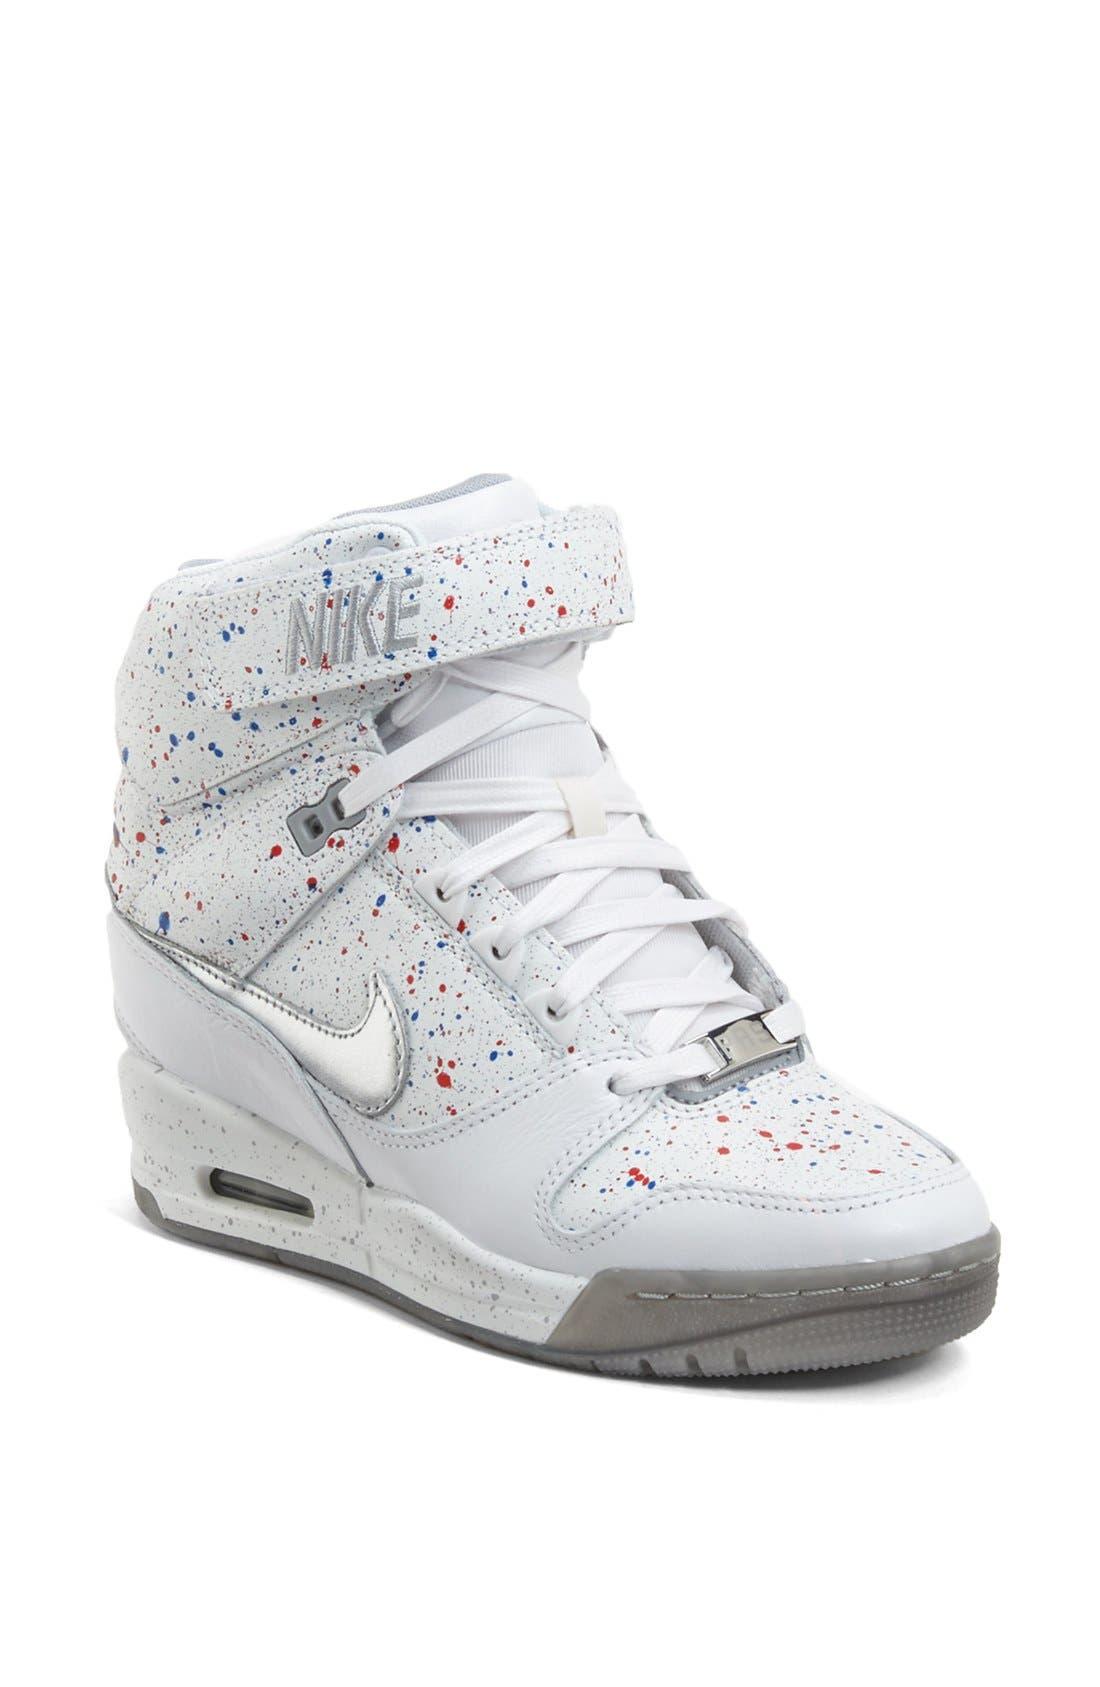 Main Image - Nike 'Air Revolution Sky Hi' Hidden Wedge Sneaker (Women)